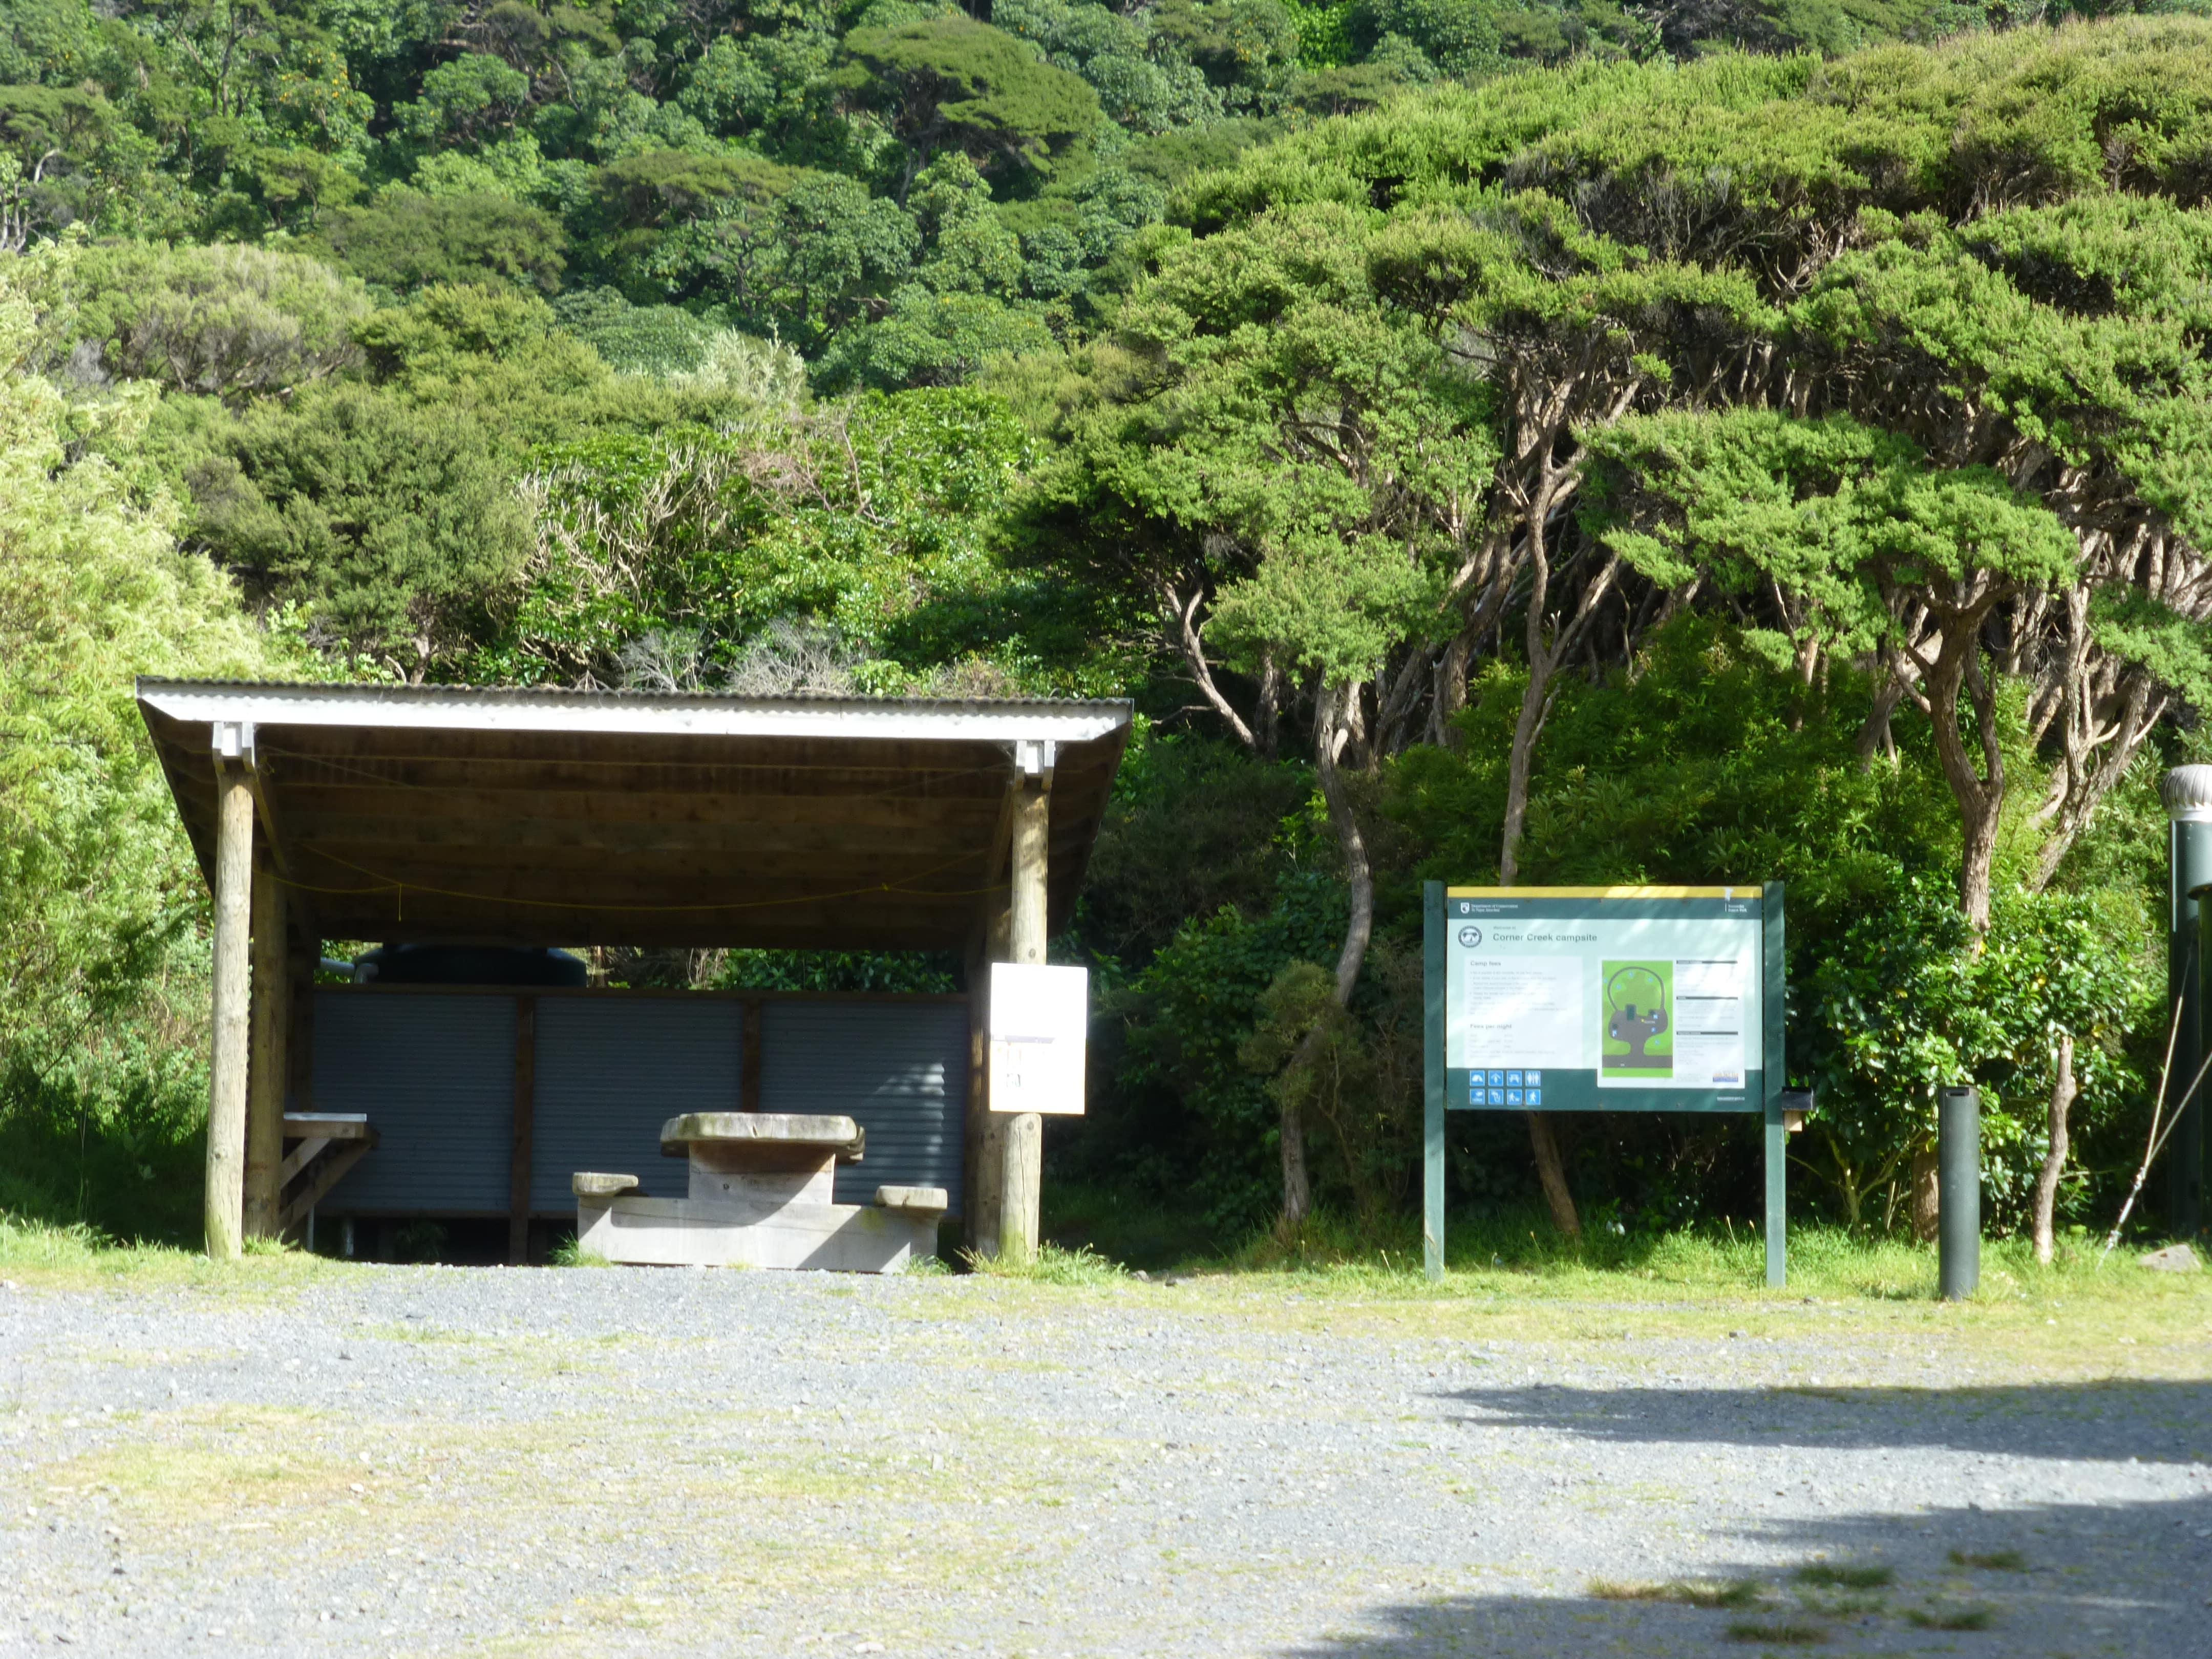 Weit-weg.reisen, Corner Creek Campsite 10